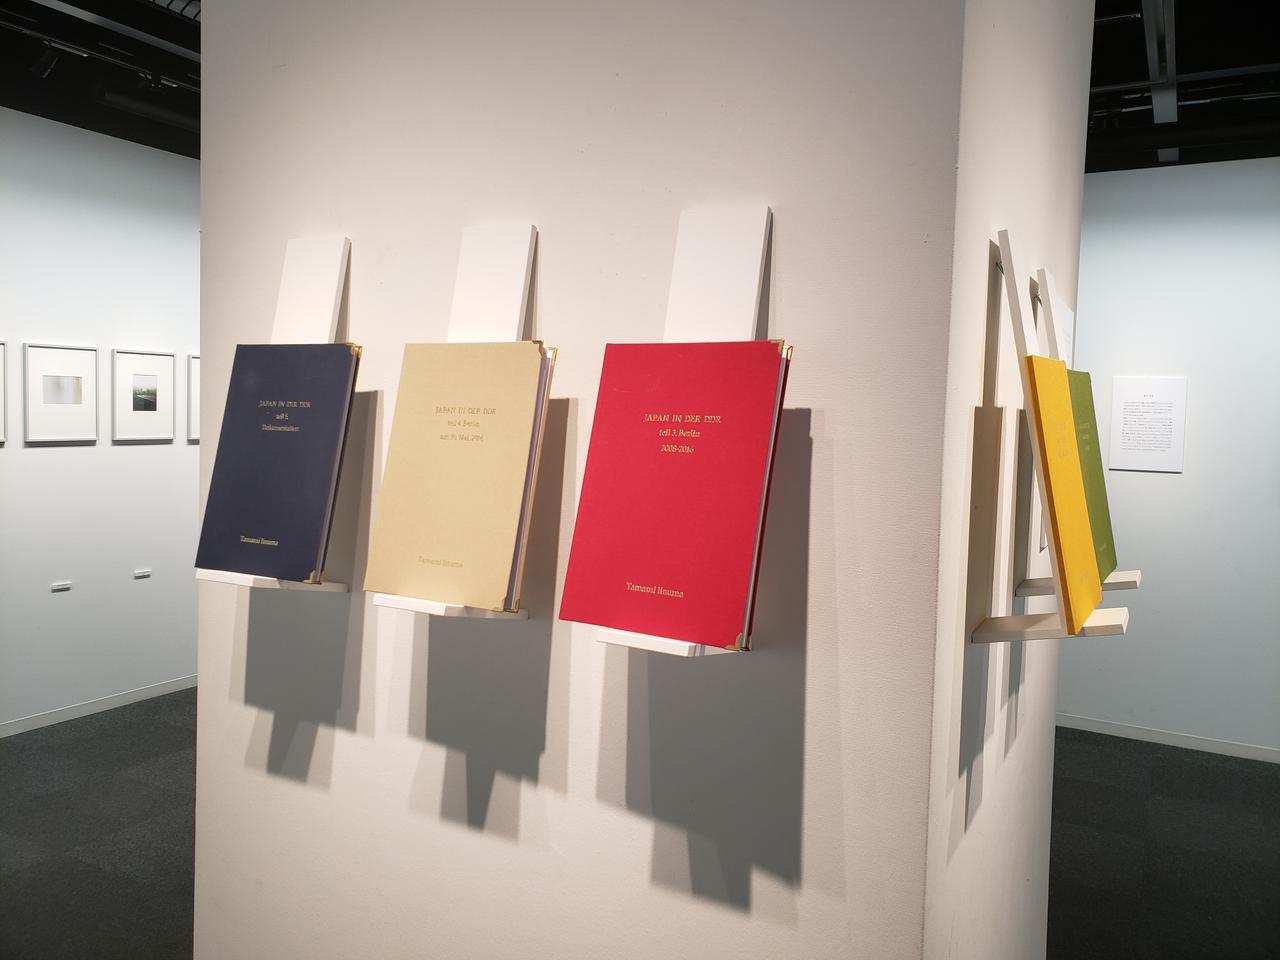 画像: 会場では、ドイツのコピーショップで作ったという私家版『JAPAN IN DER DDR 』も展示。この5冊の私家版をまとめた写真集も会場にて販売中です。私家版と今回出版された写真集、本展のDMのデザインは、東京とベルリンを拠点とする高室湧人さんが担当されたそうです。